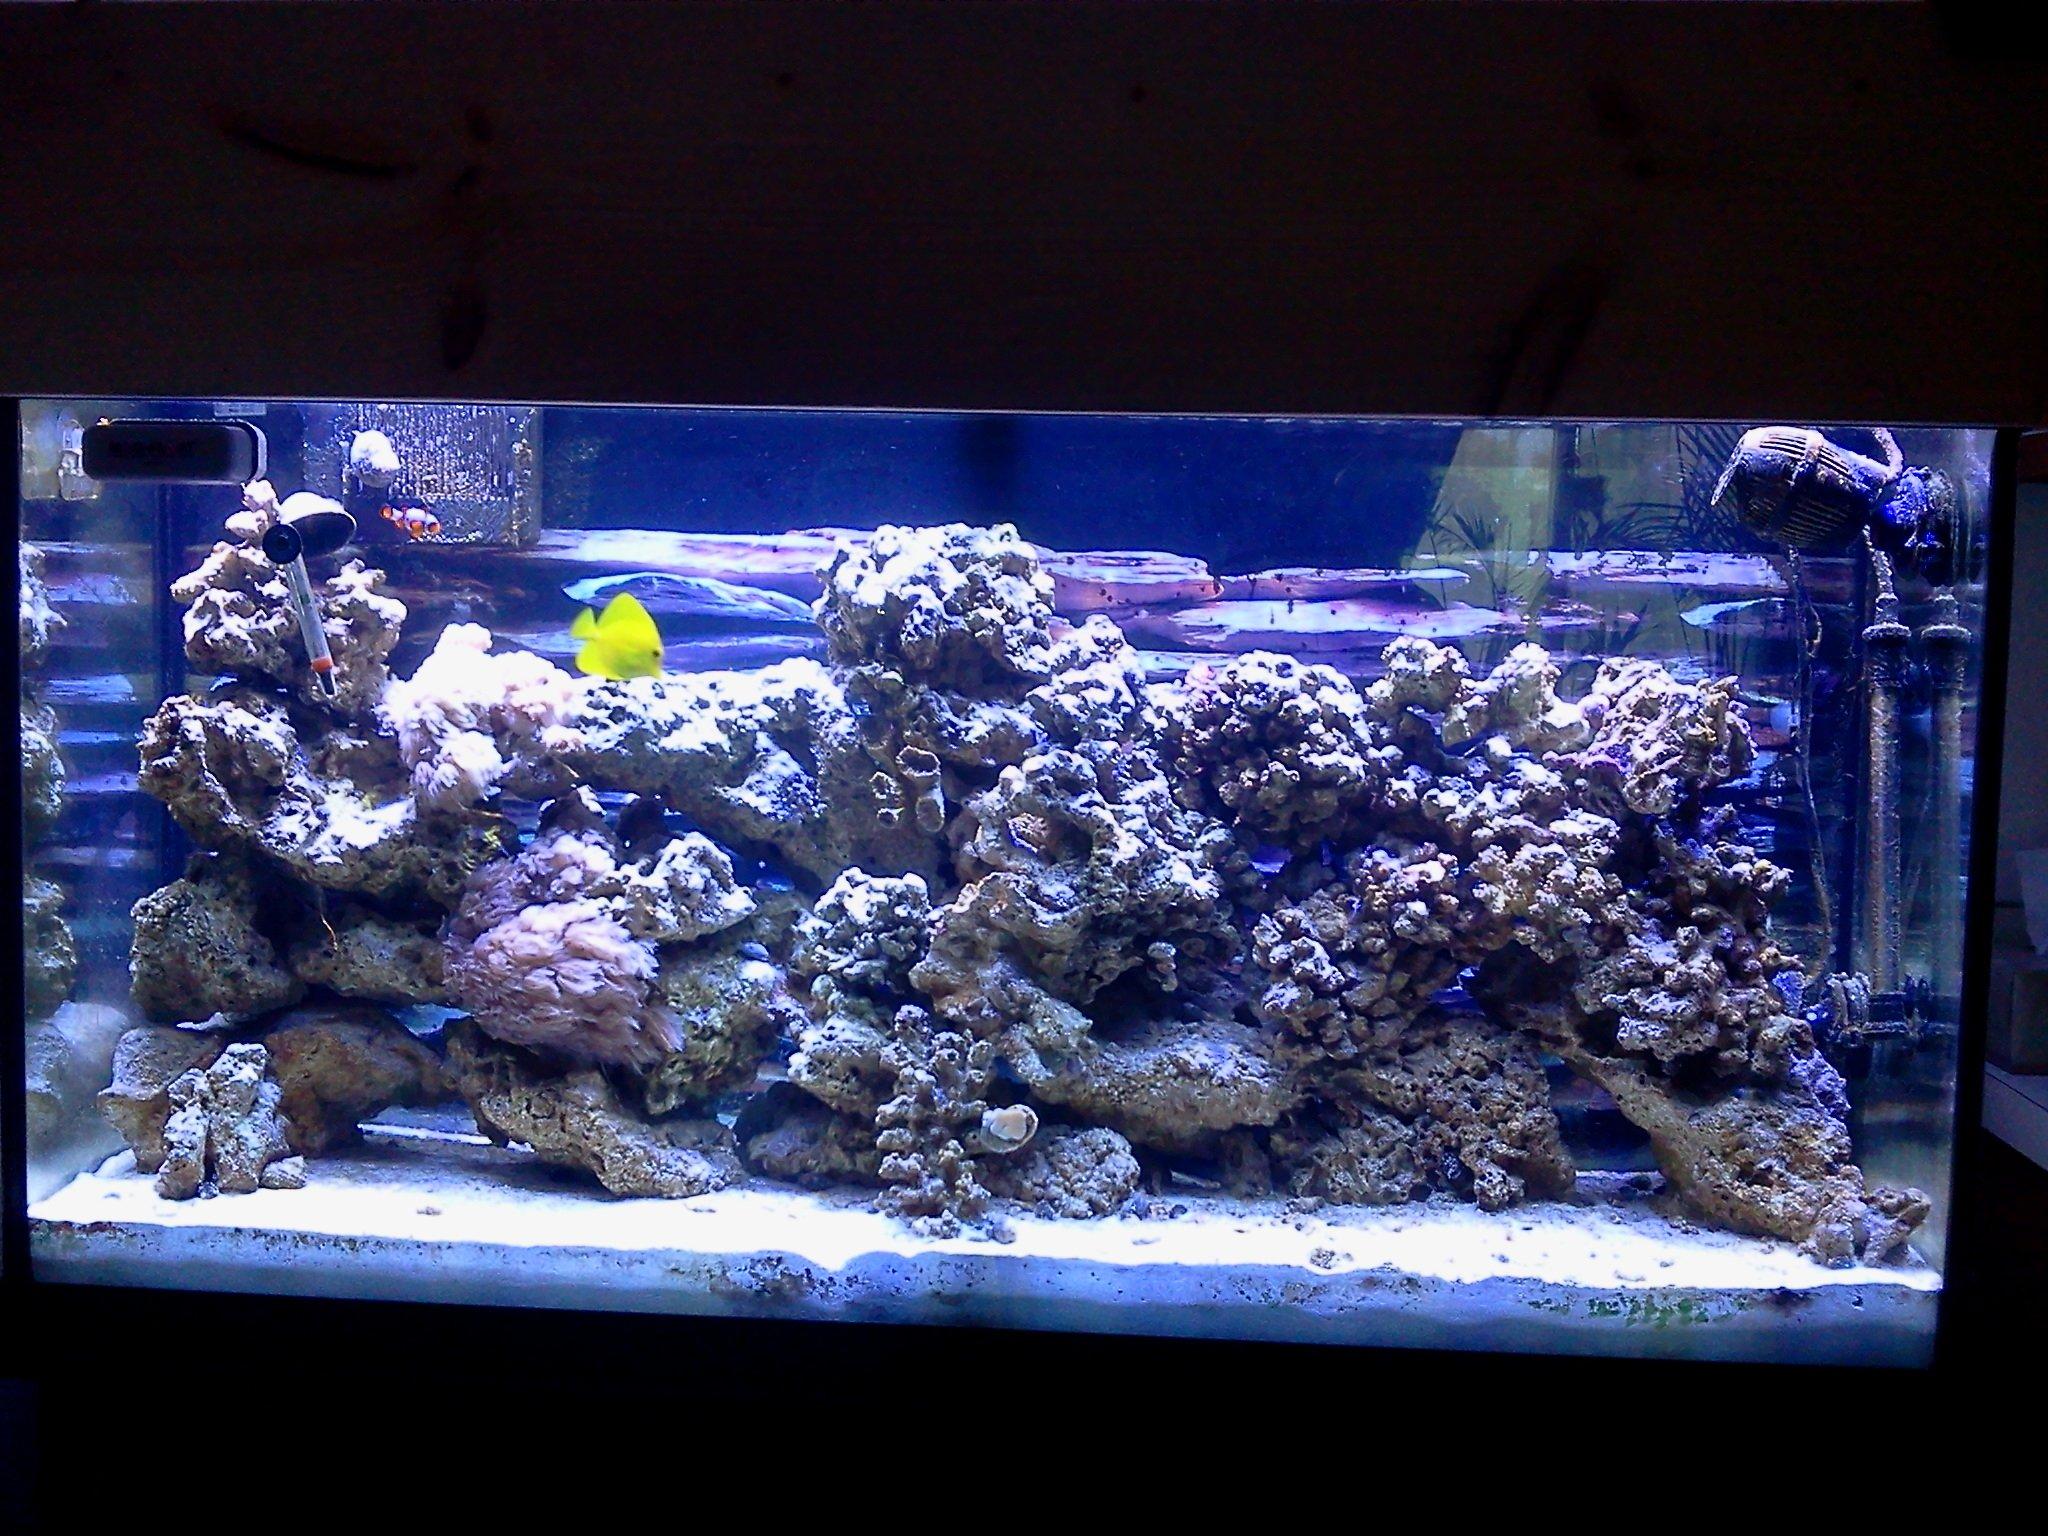 60 Gal Reef Tank Saltwaterfish Forum